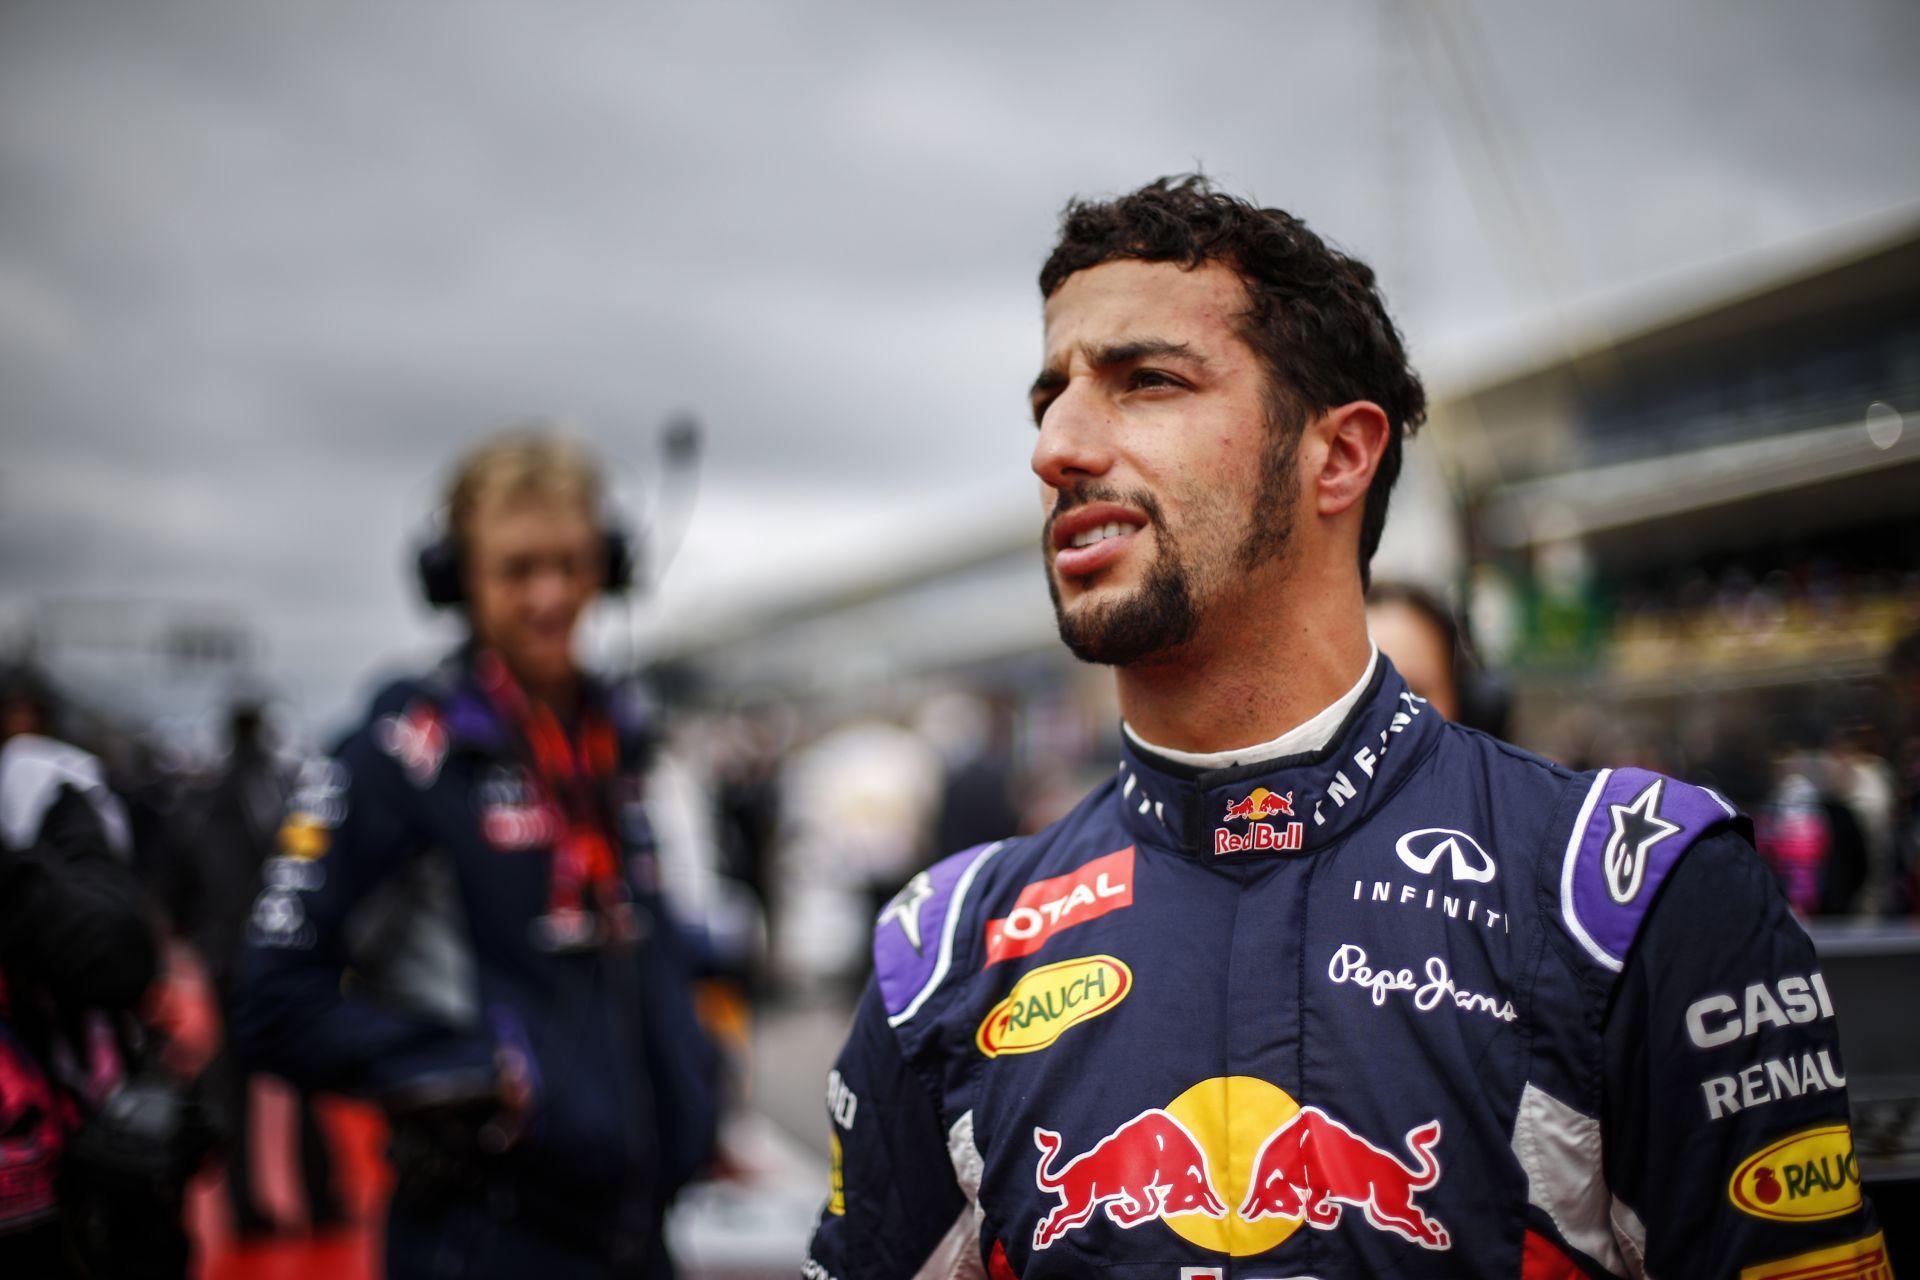 Ricciardo a jövőben intelligensebb versenyzésre vágyik!